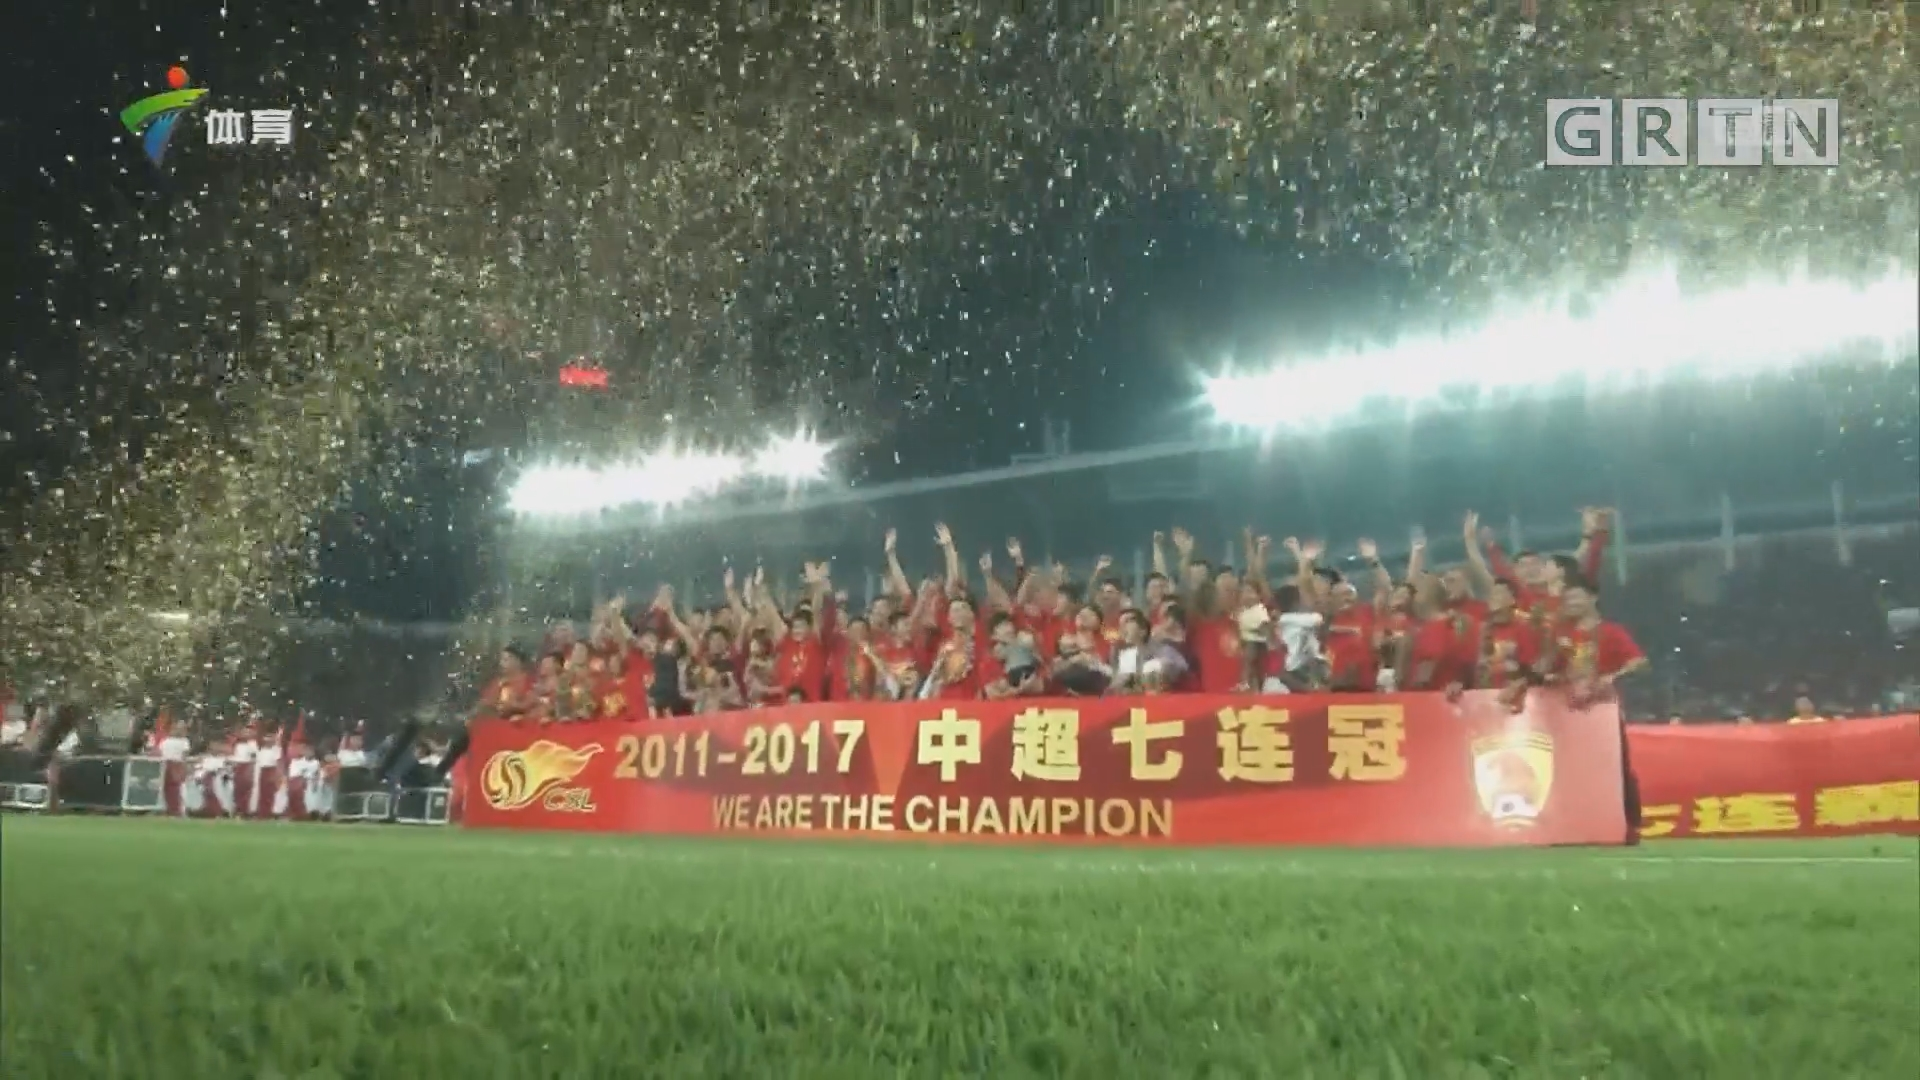 2017体坛年终回顾——广州恒大2017赛季总结